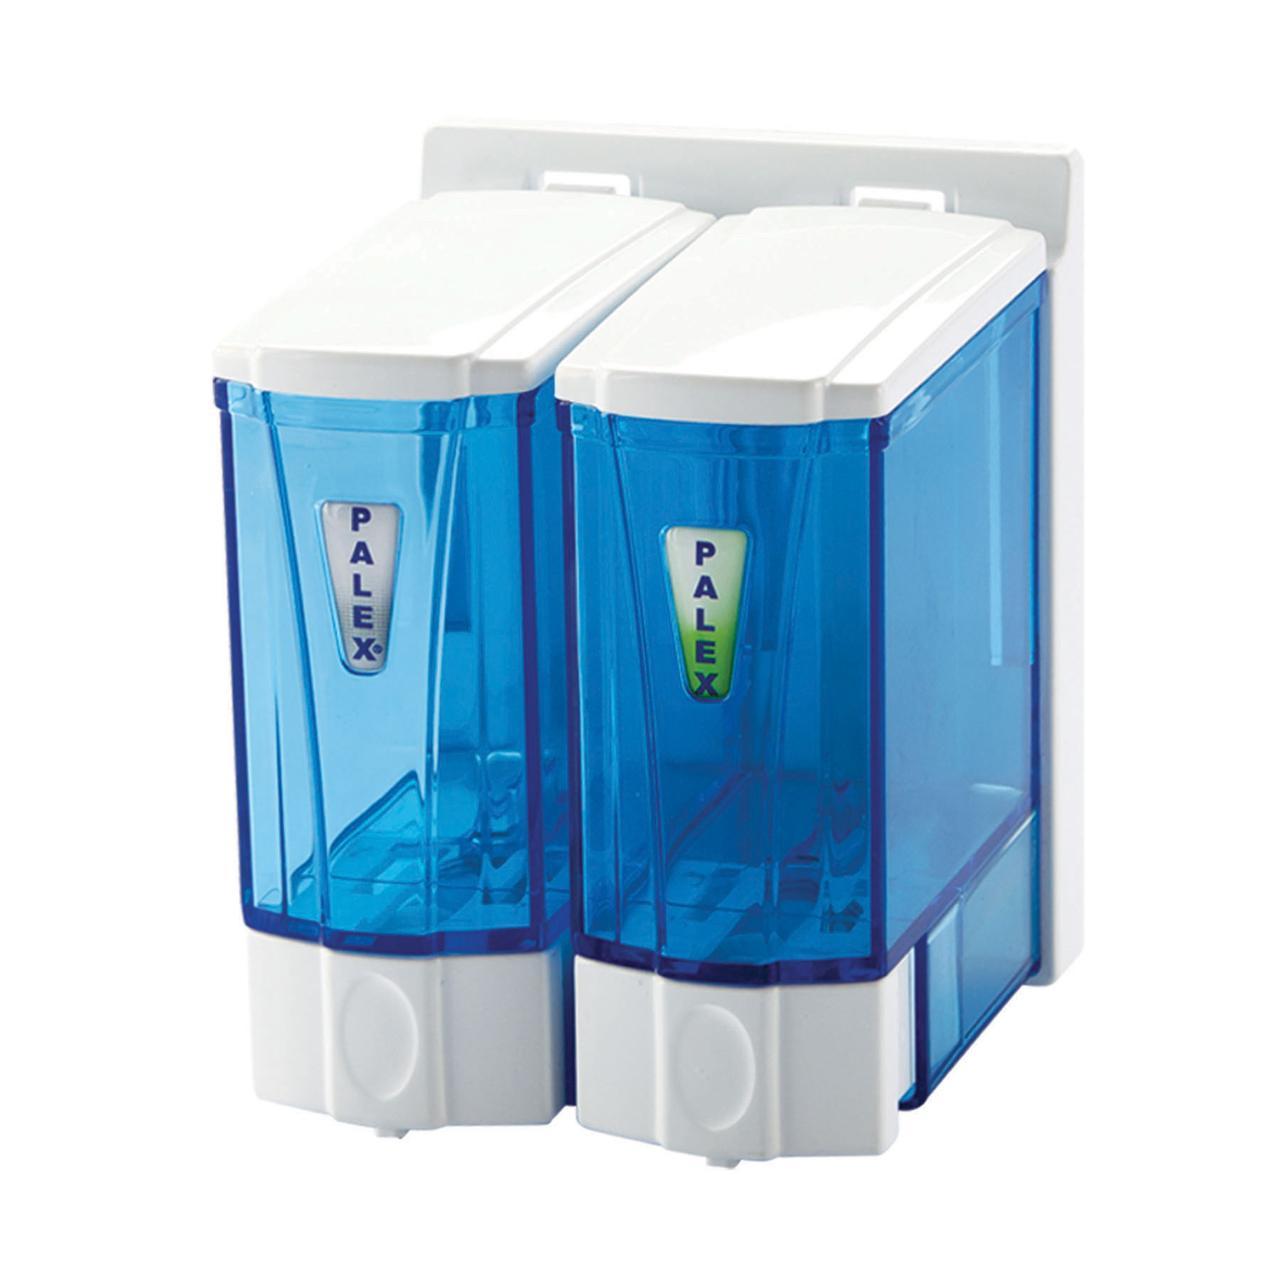 Диспенсер для жидкого мыла 250 мл. двойной